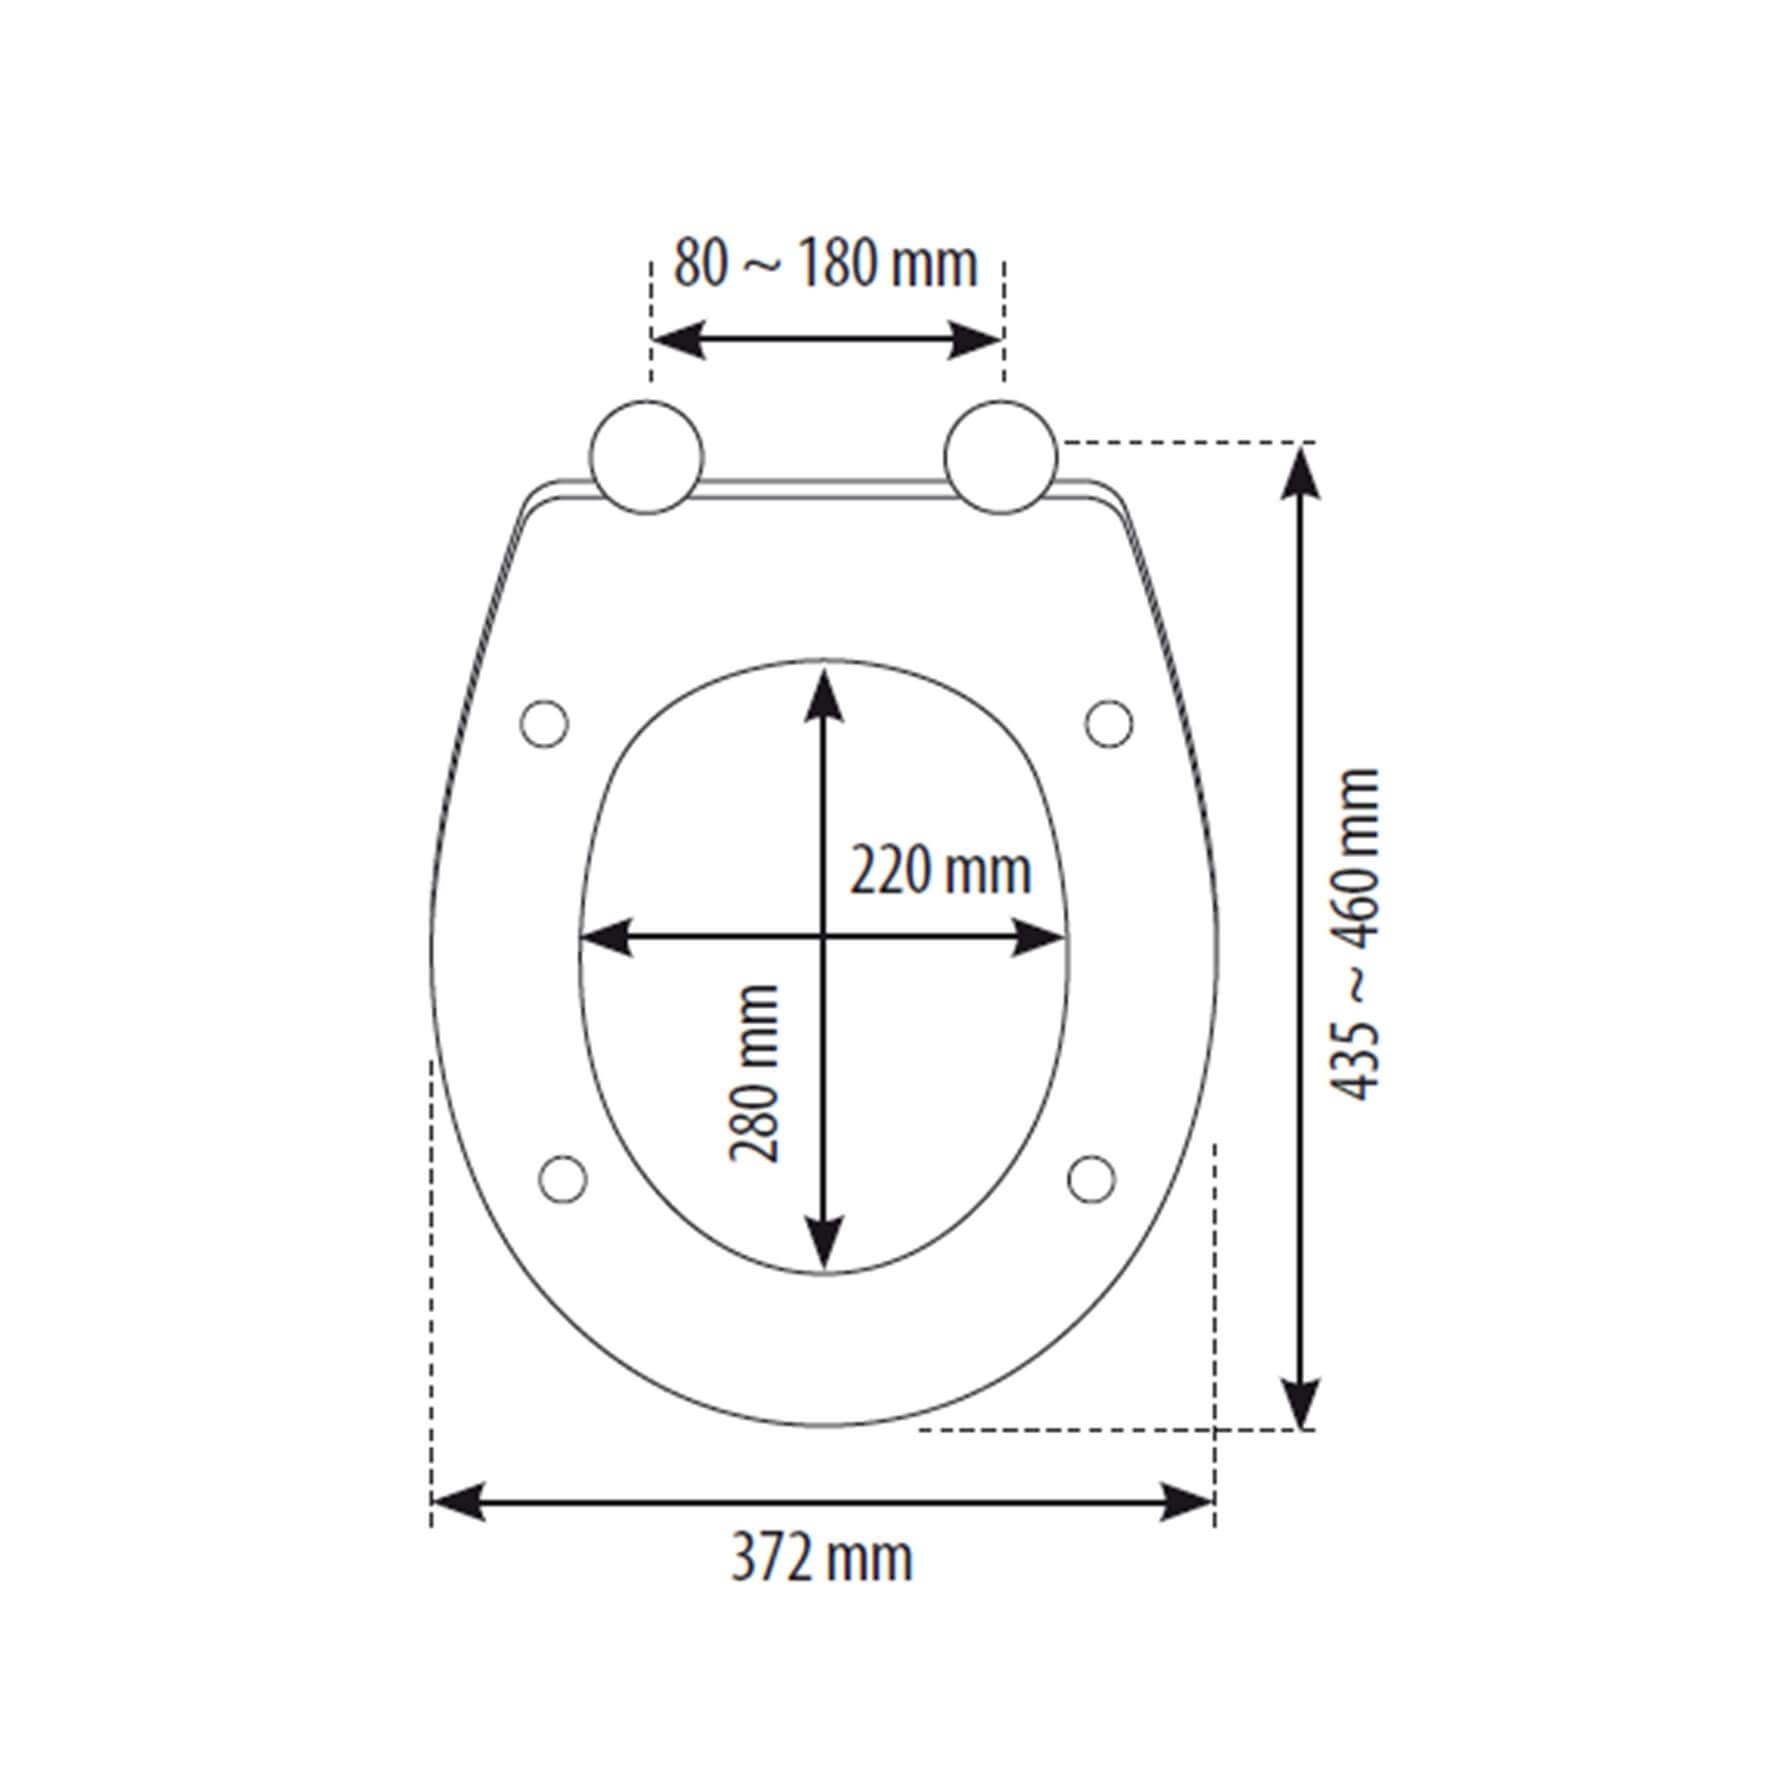 Siamp 10005427 Mougins Seat Measurements